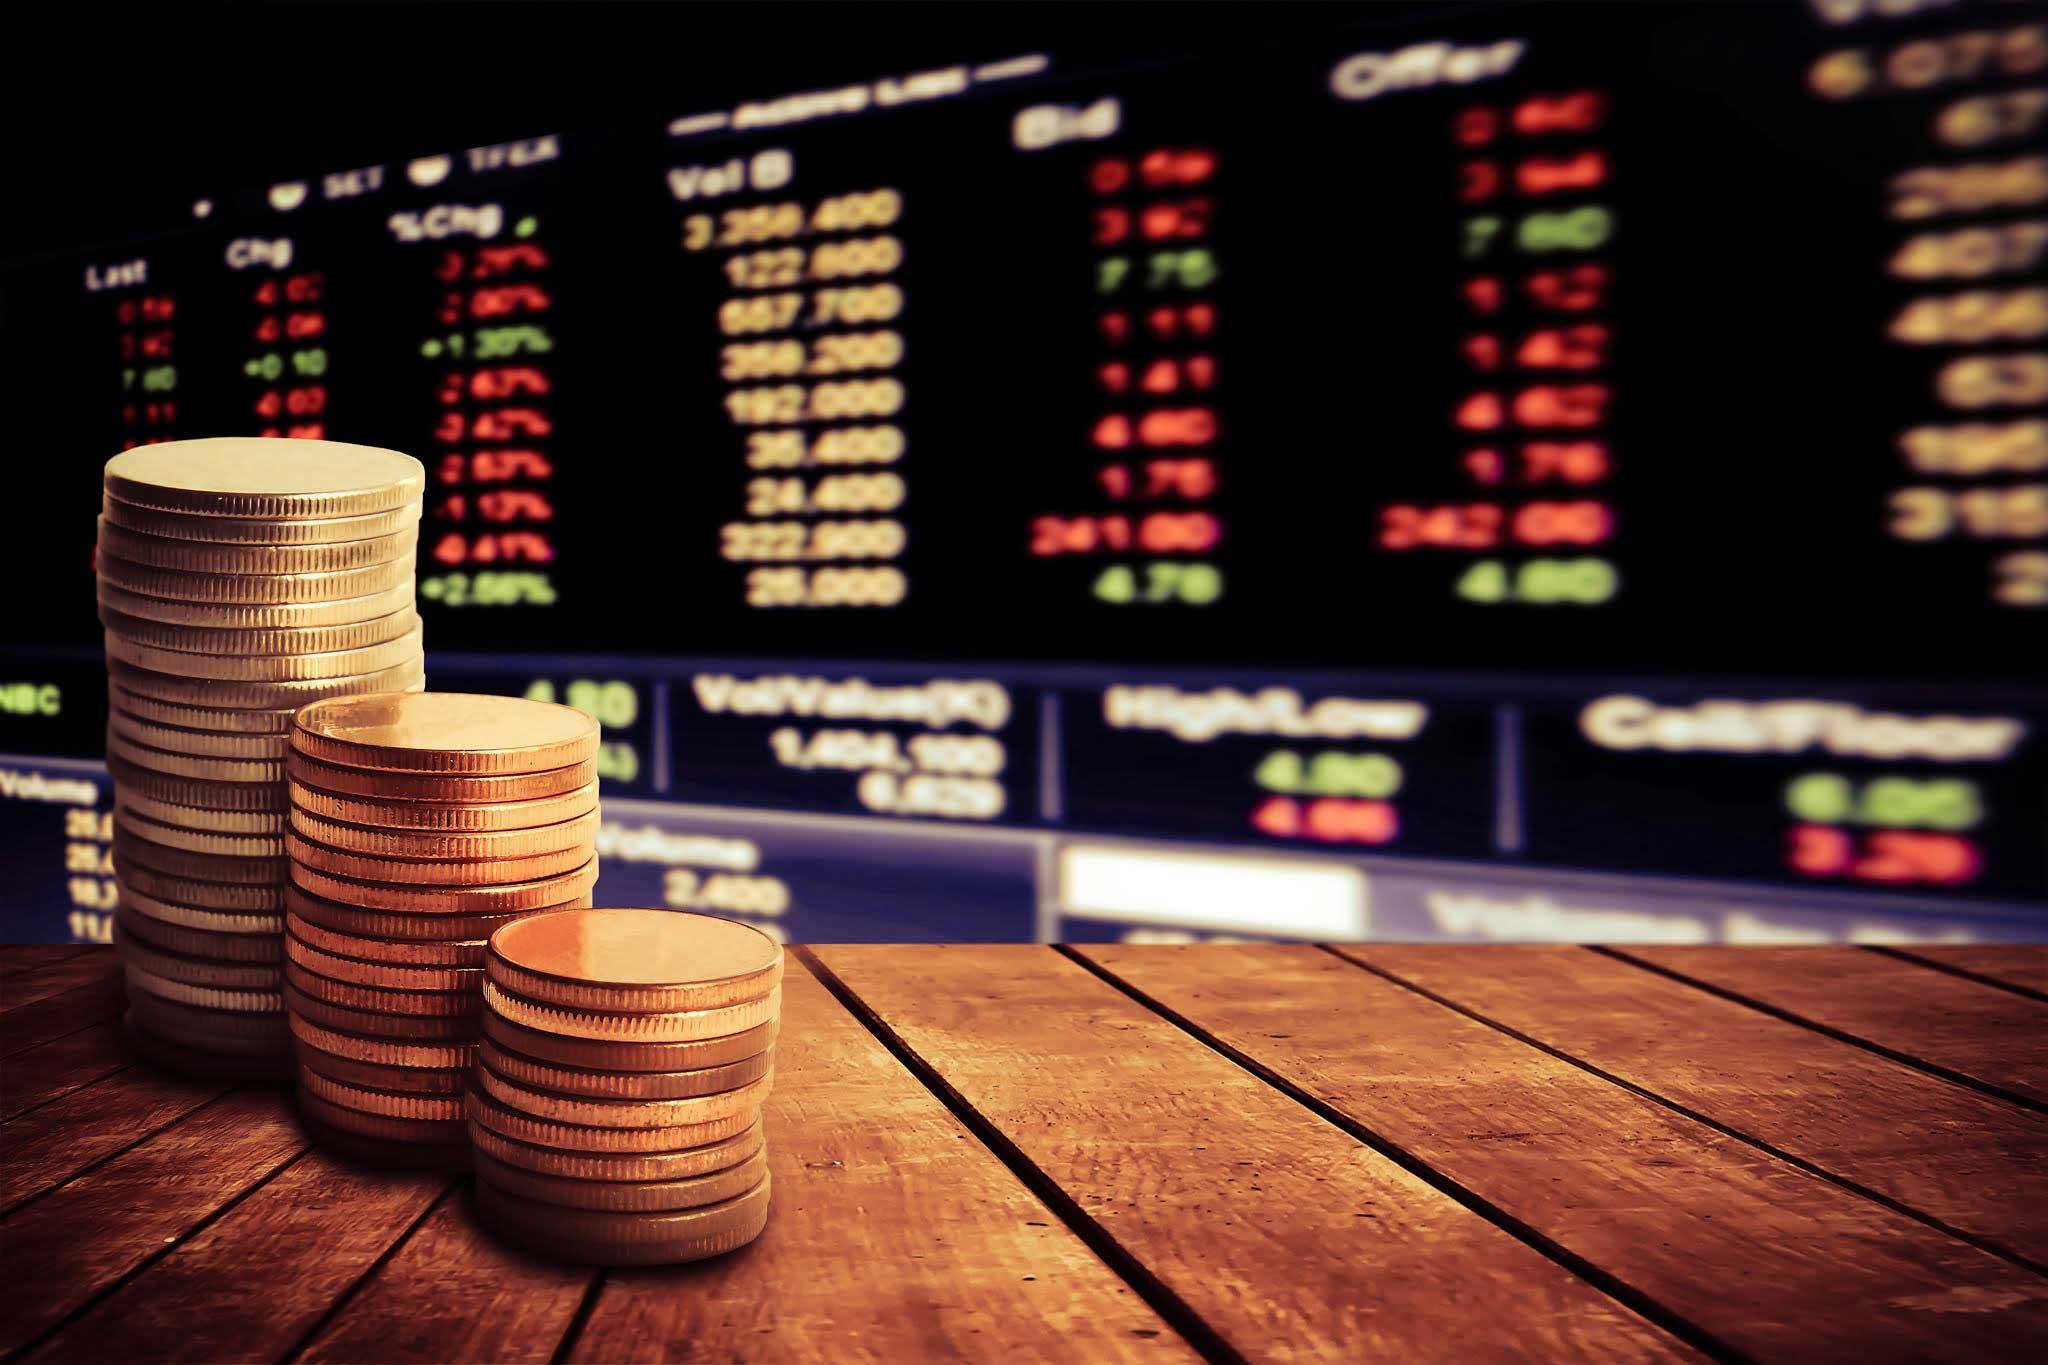 O mercado quer investir em empresas que estão se digitalizando